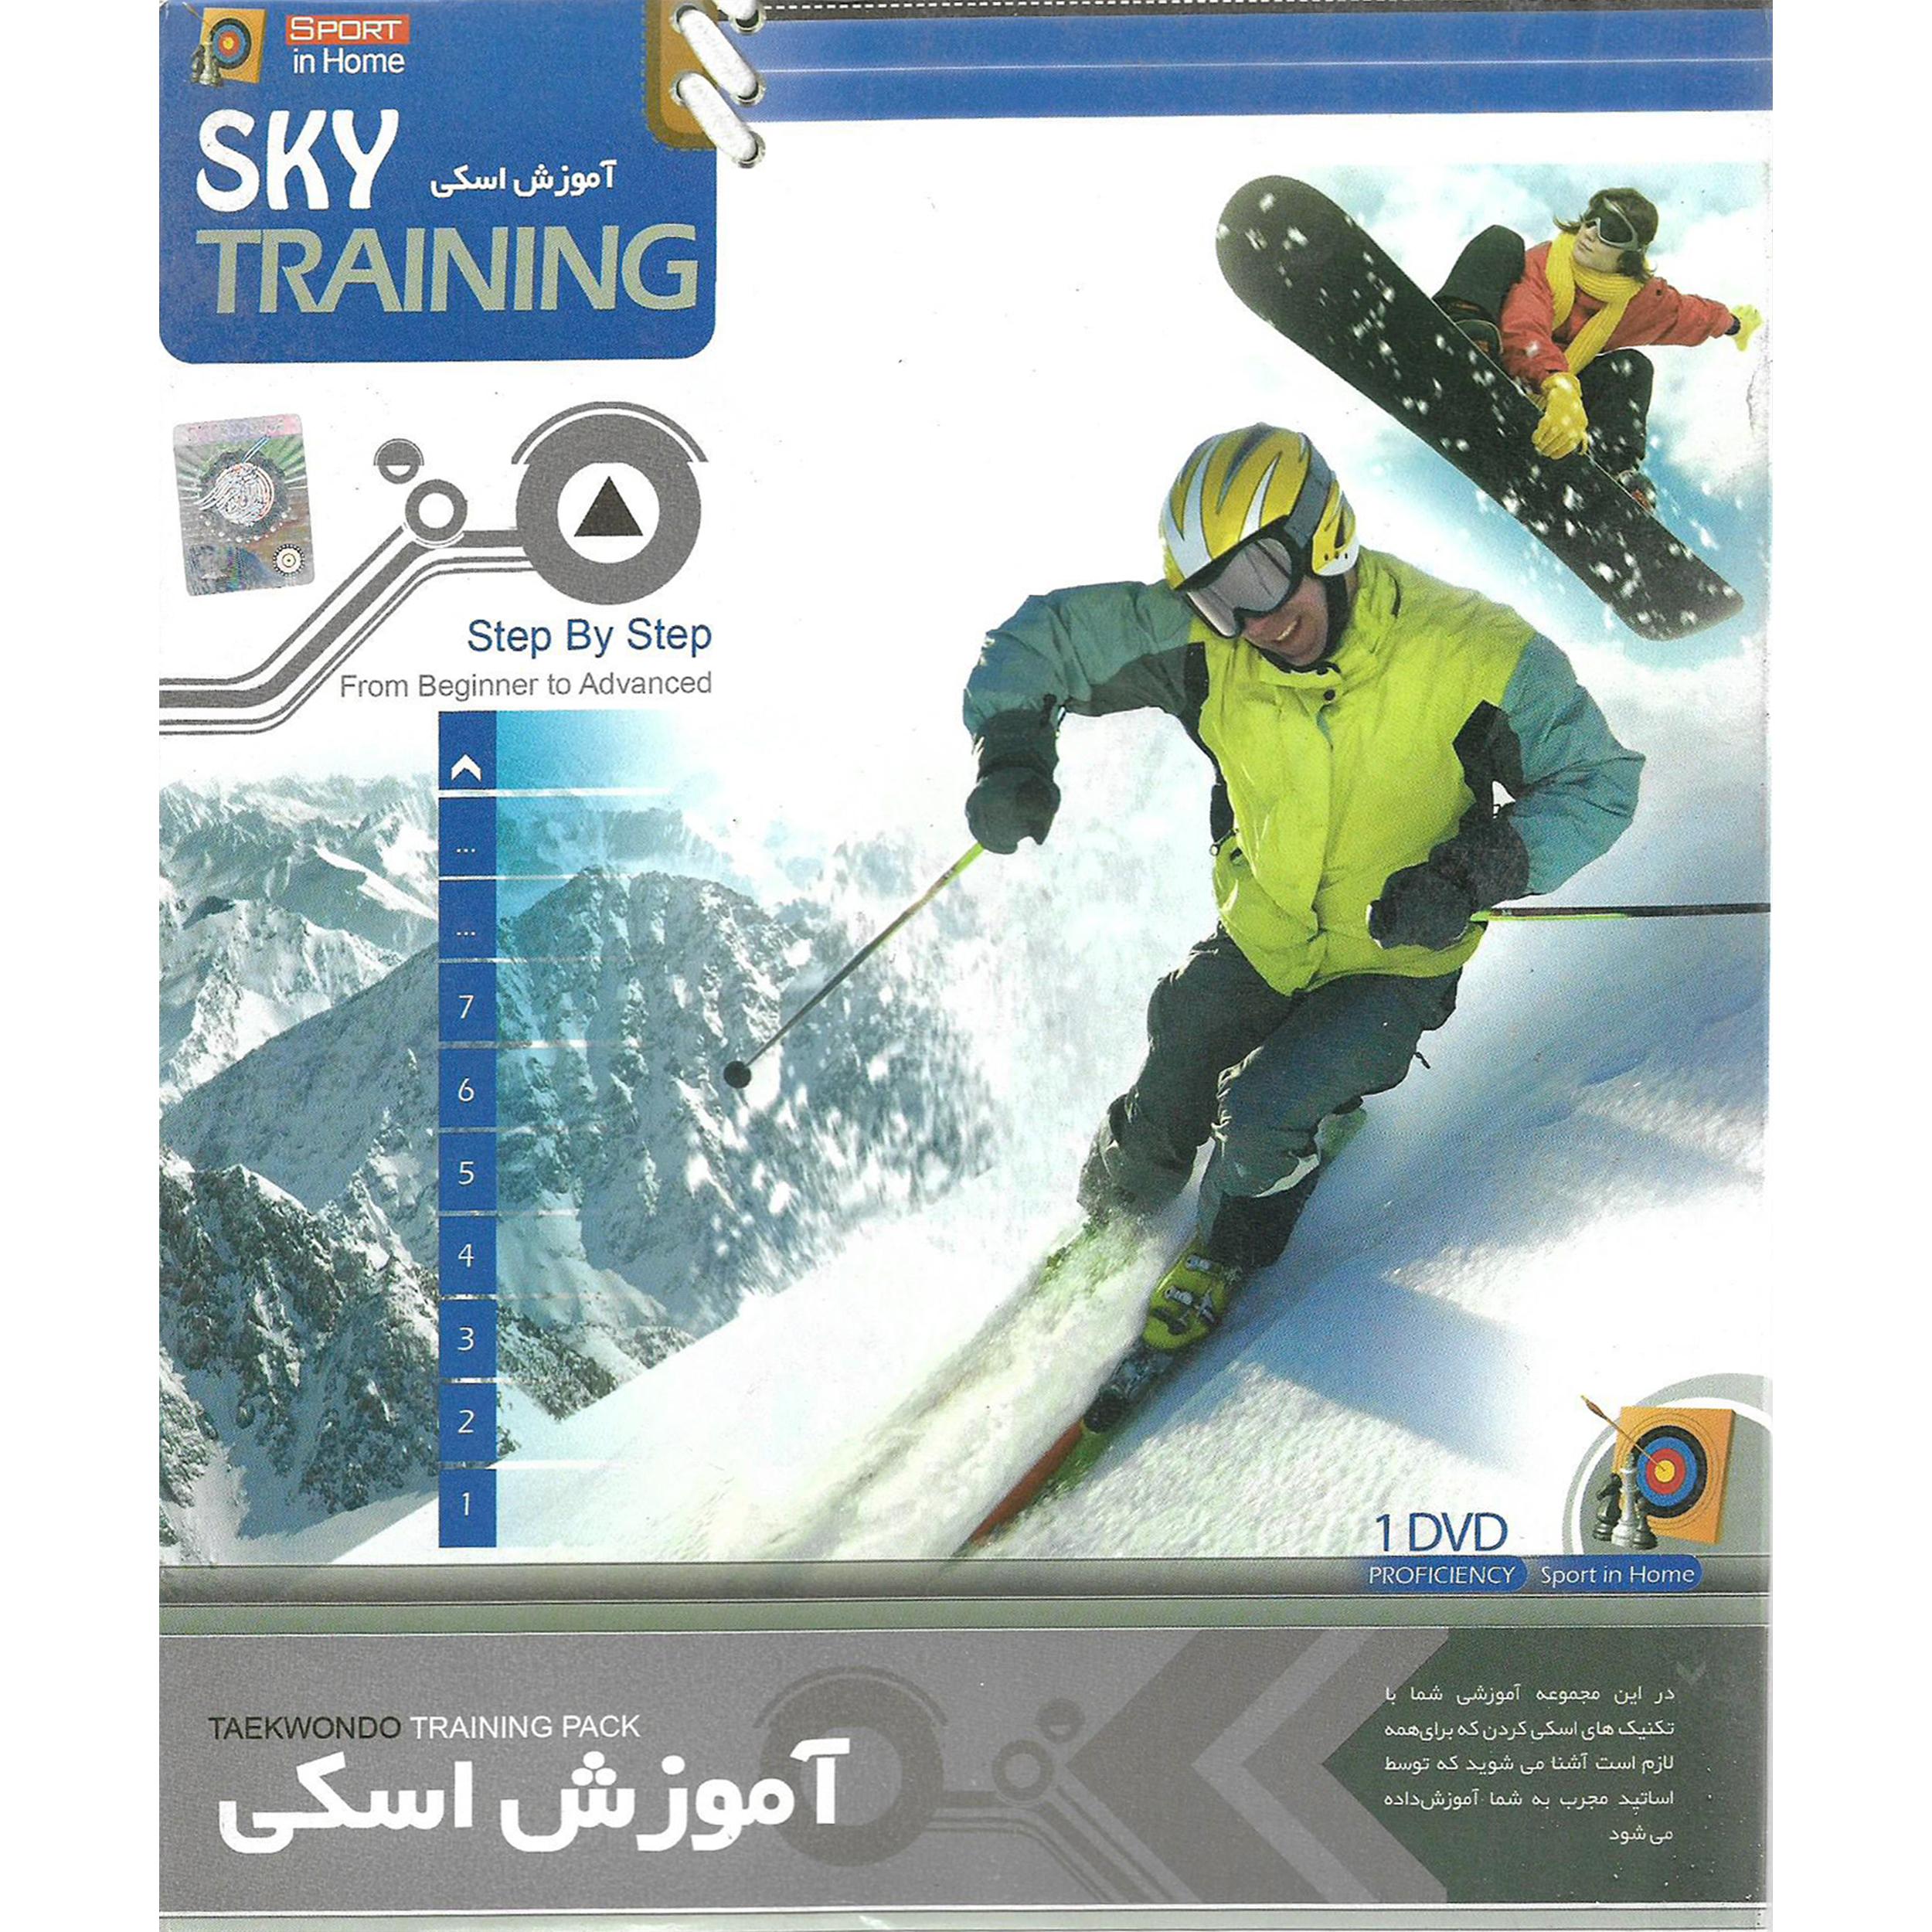 نرم افزار آموزش اسکی نشر پاناپرداز